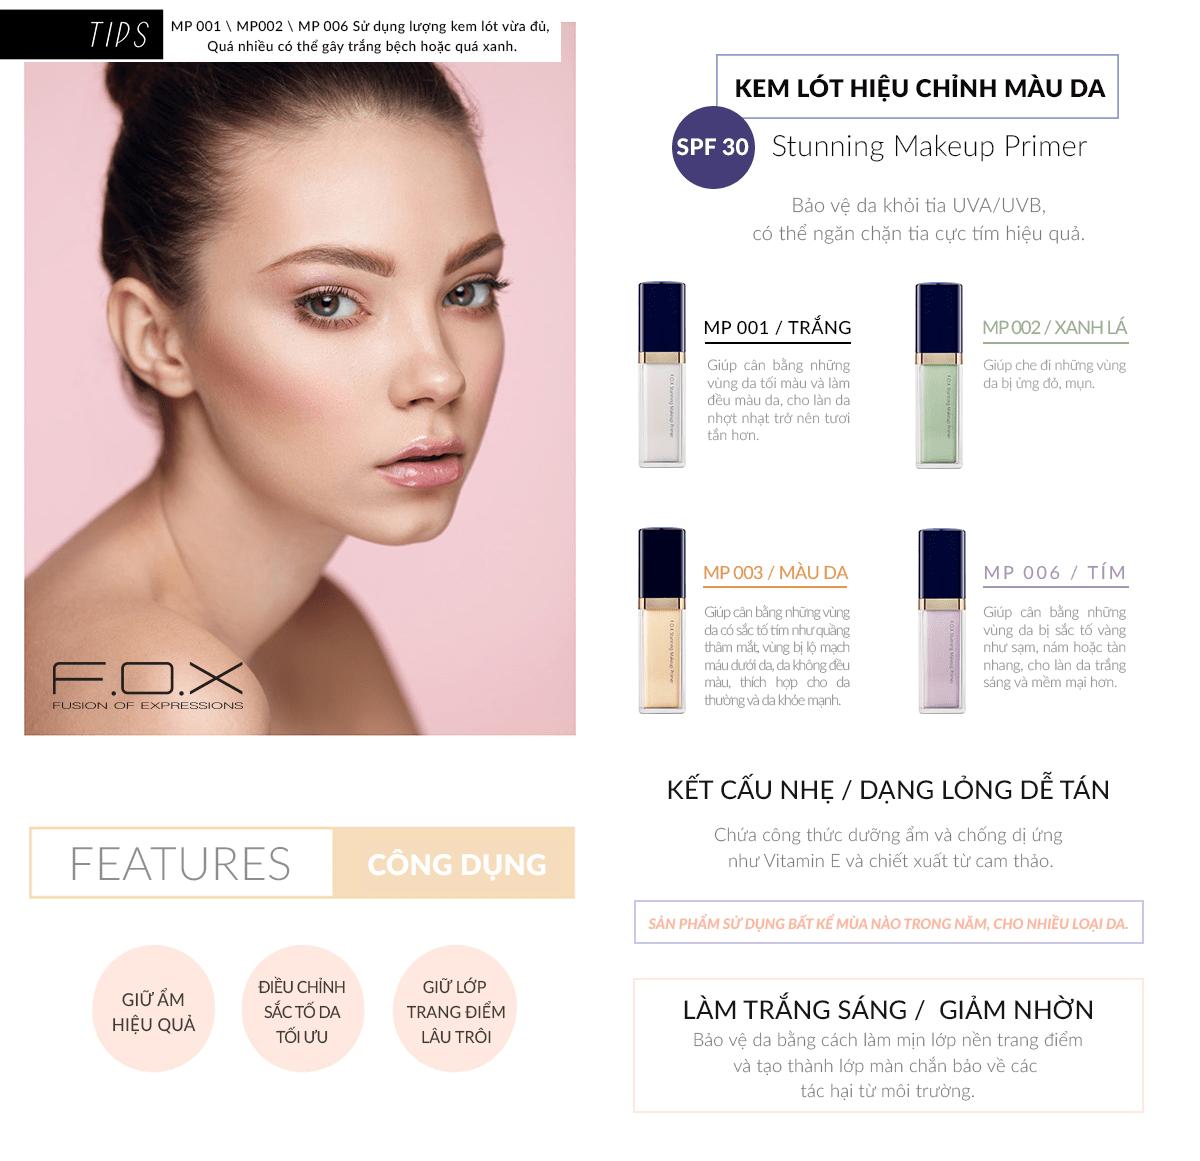 Công Dụng Của Kem Lót Stunning Makeup Primer